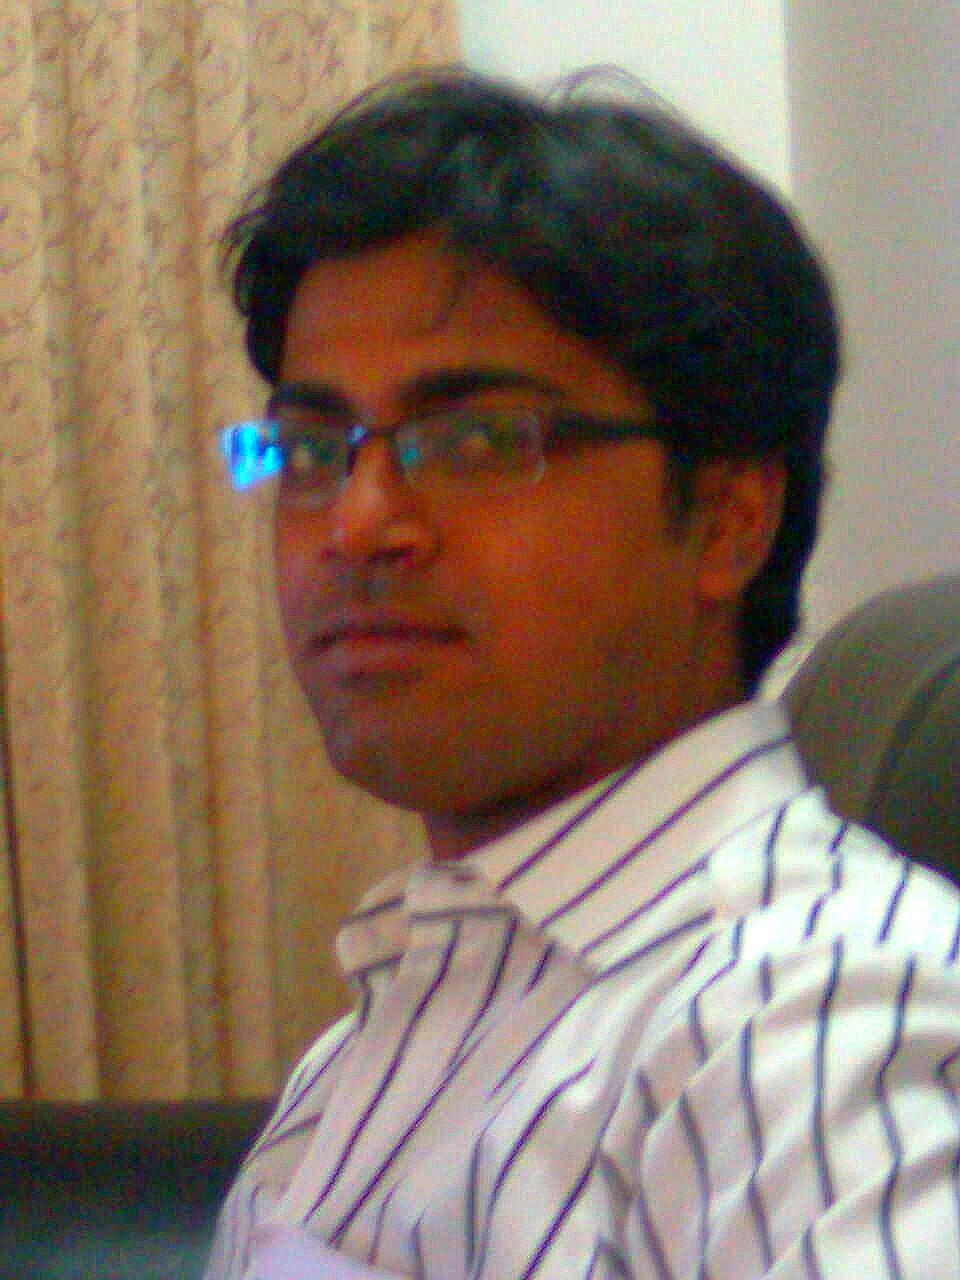 Mr. Samrat Tutor